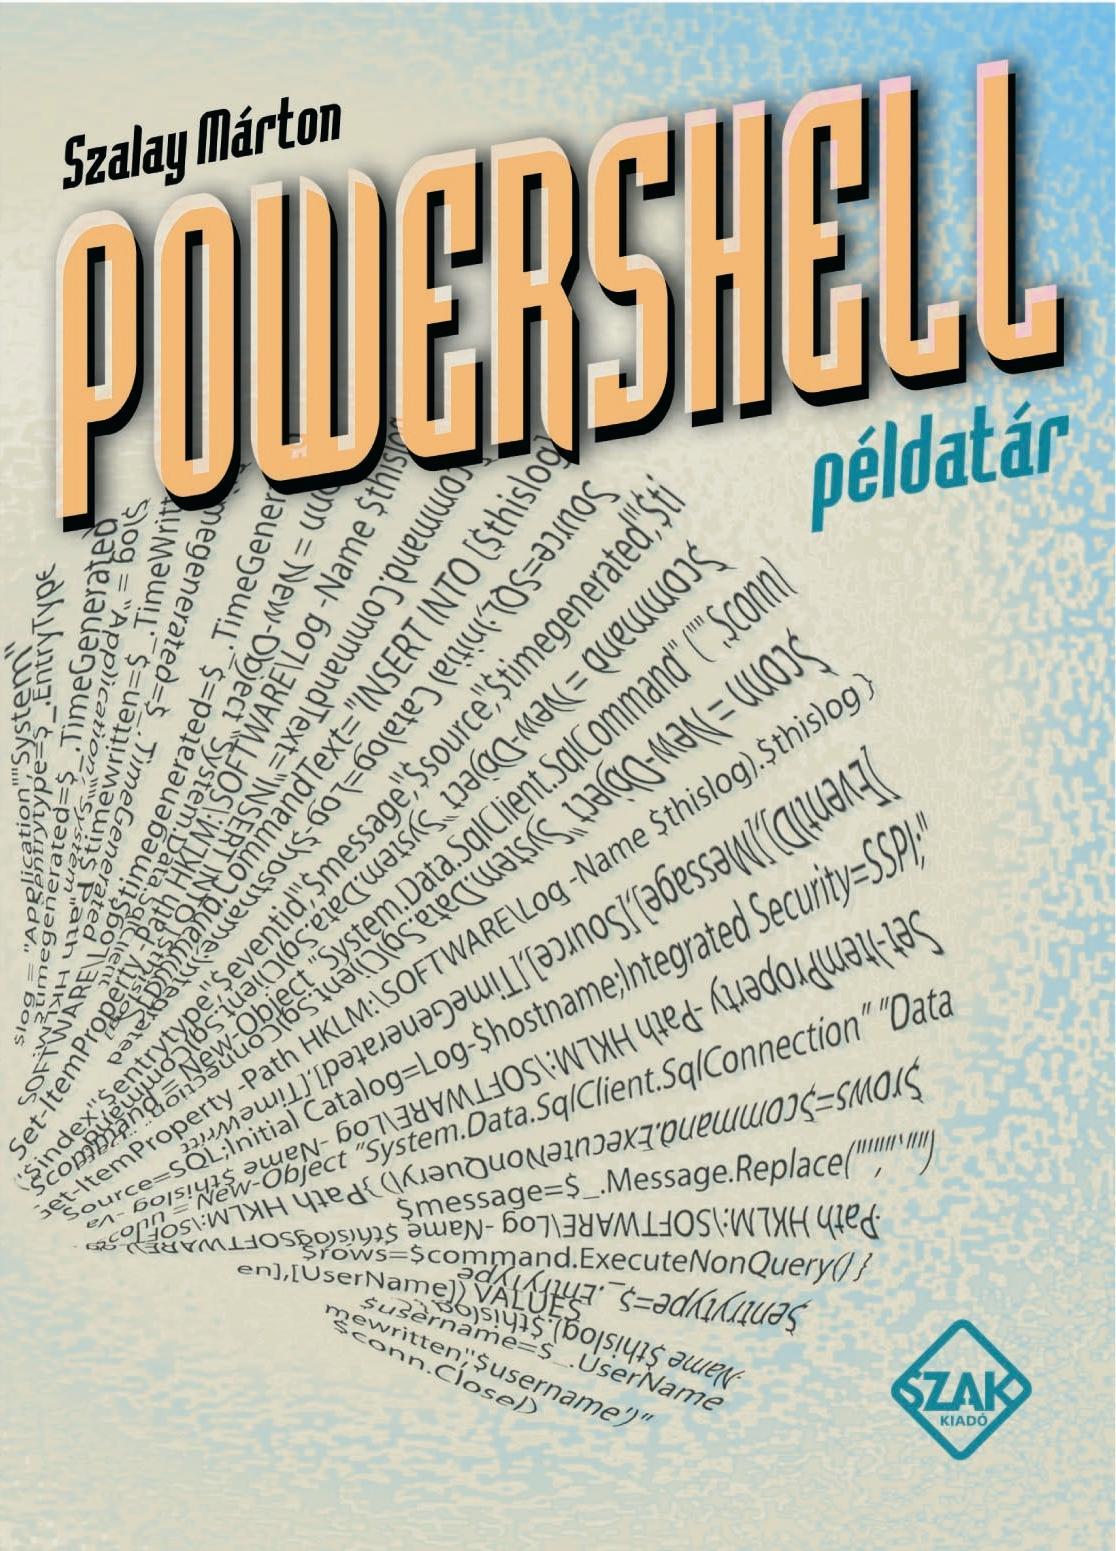 POWERSHELL PÉLDATÁR